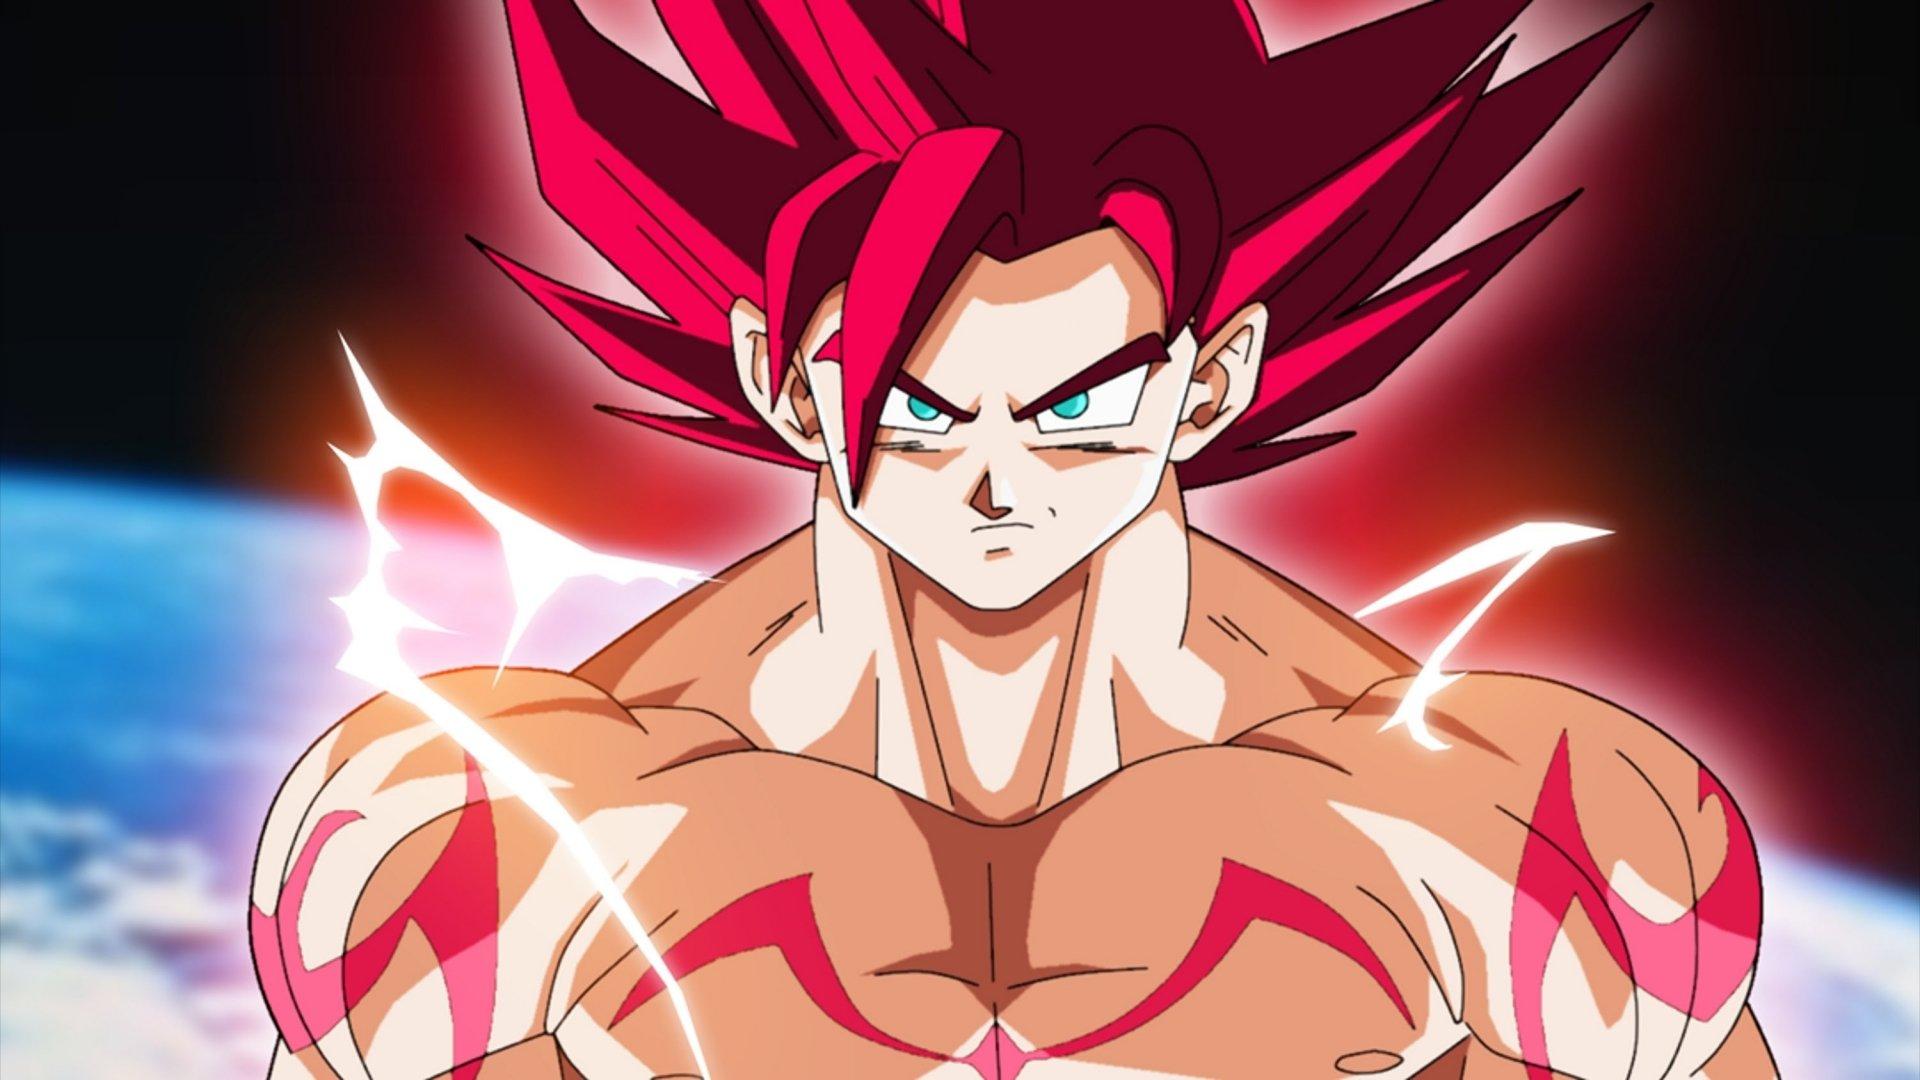 Anime - Dragon Ball Super  Goku Super Saiyan God Wallpaper